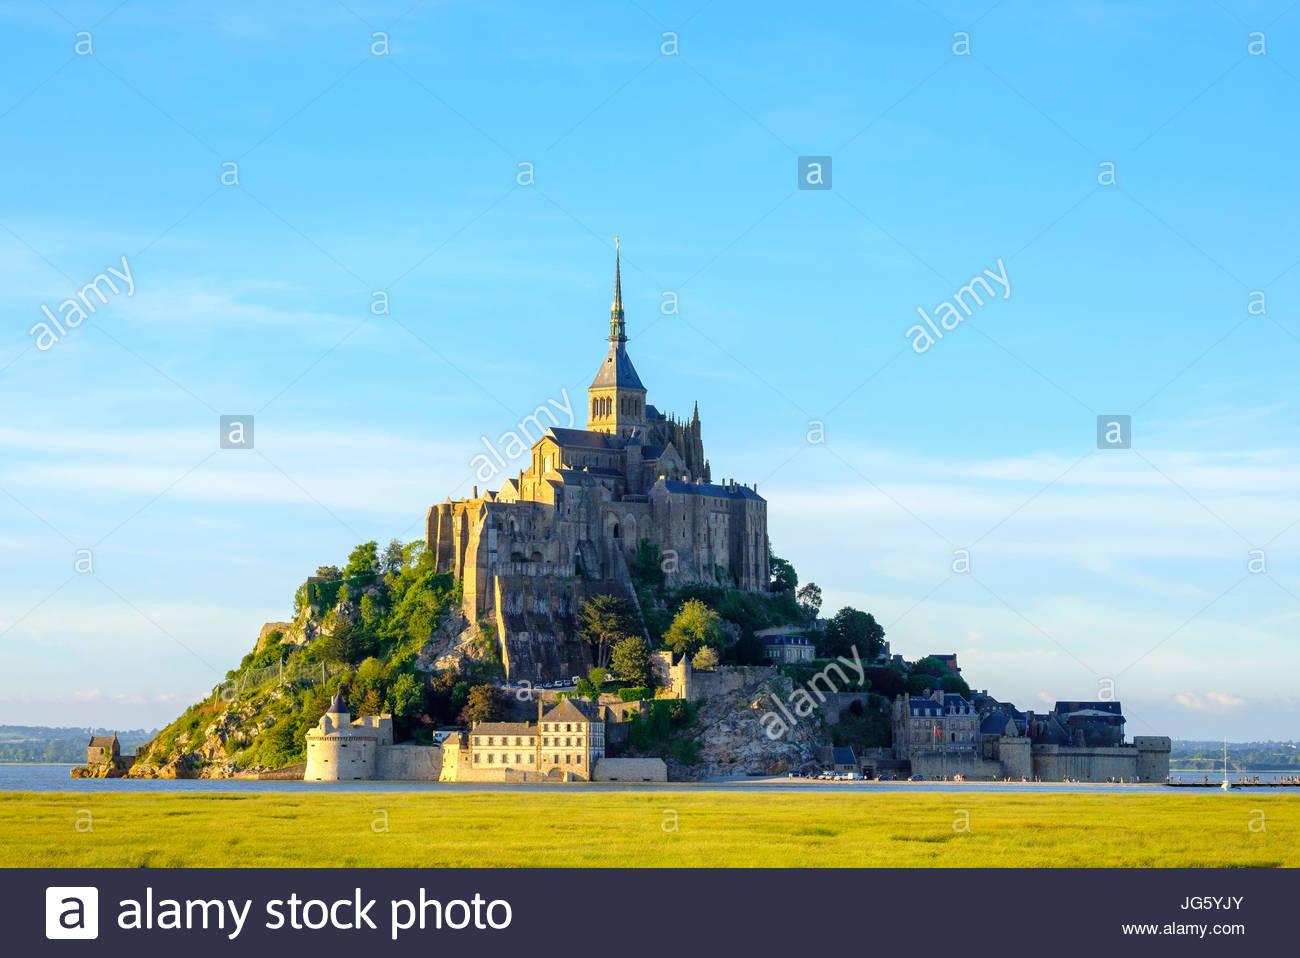 France, Normandy (Normandie), Manche department, Le Mont-Saint-Miichel. - Stock Image